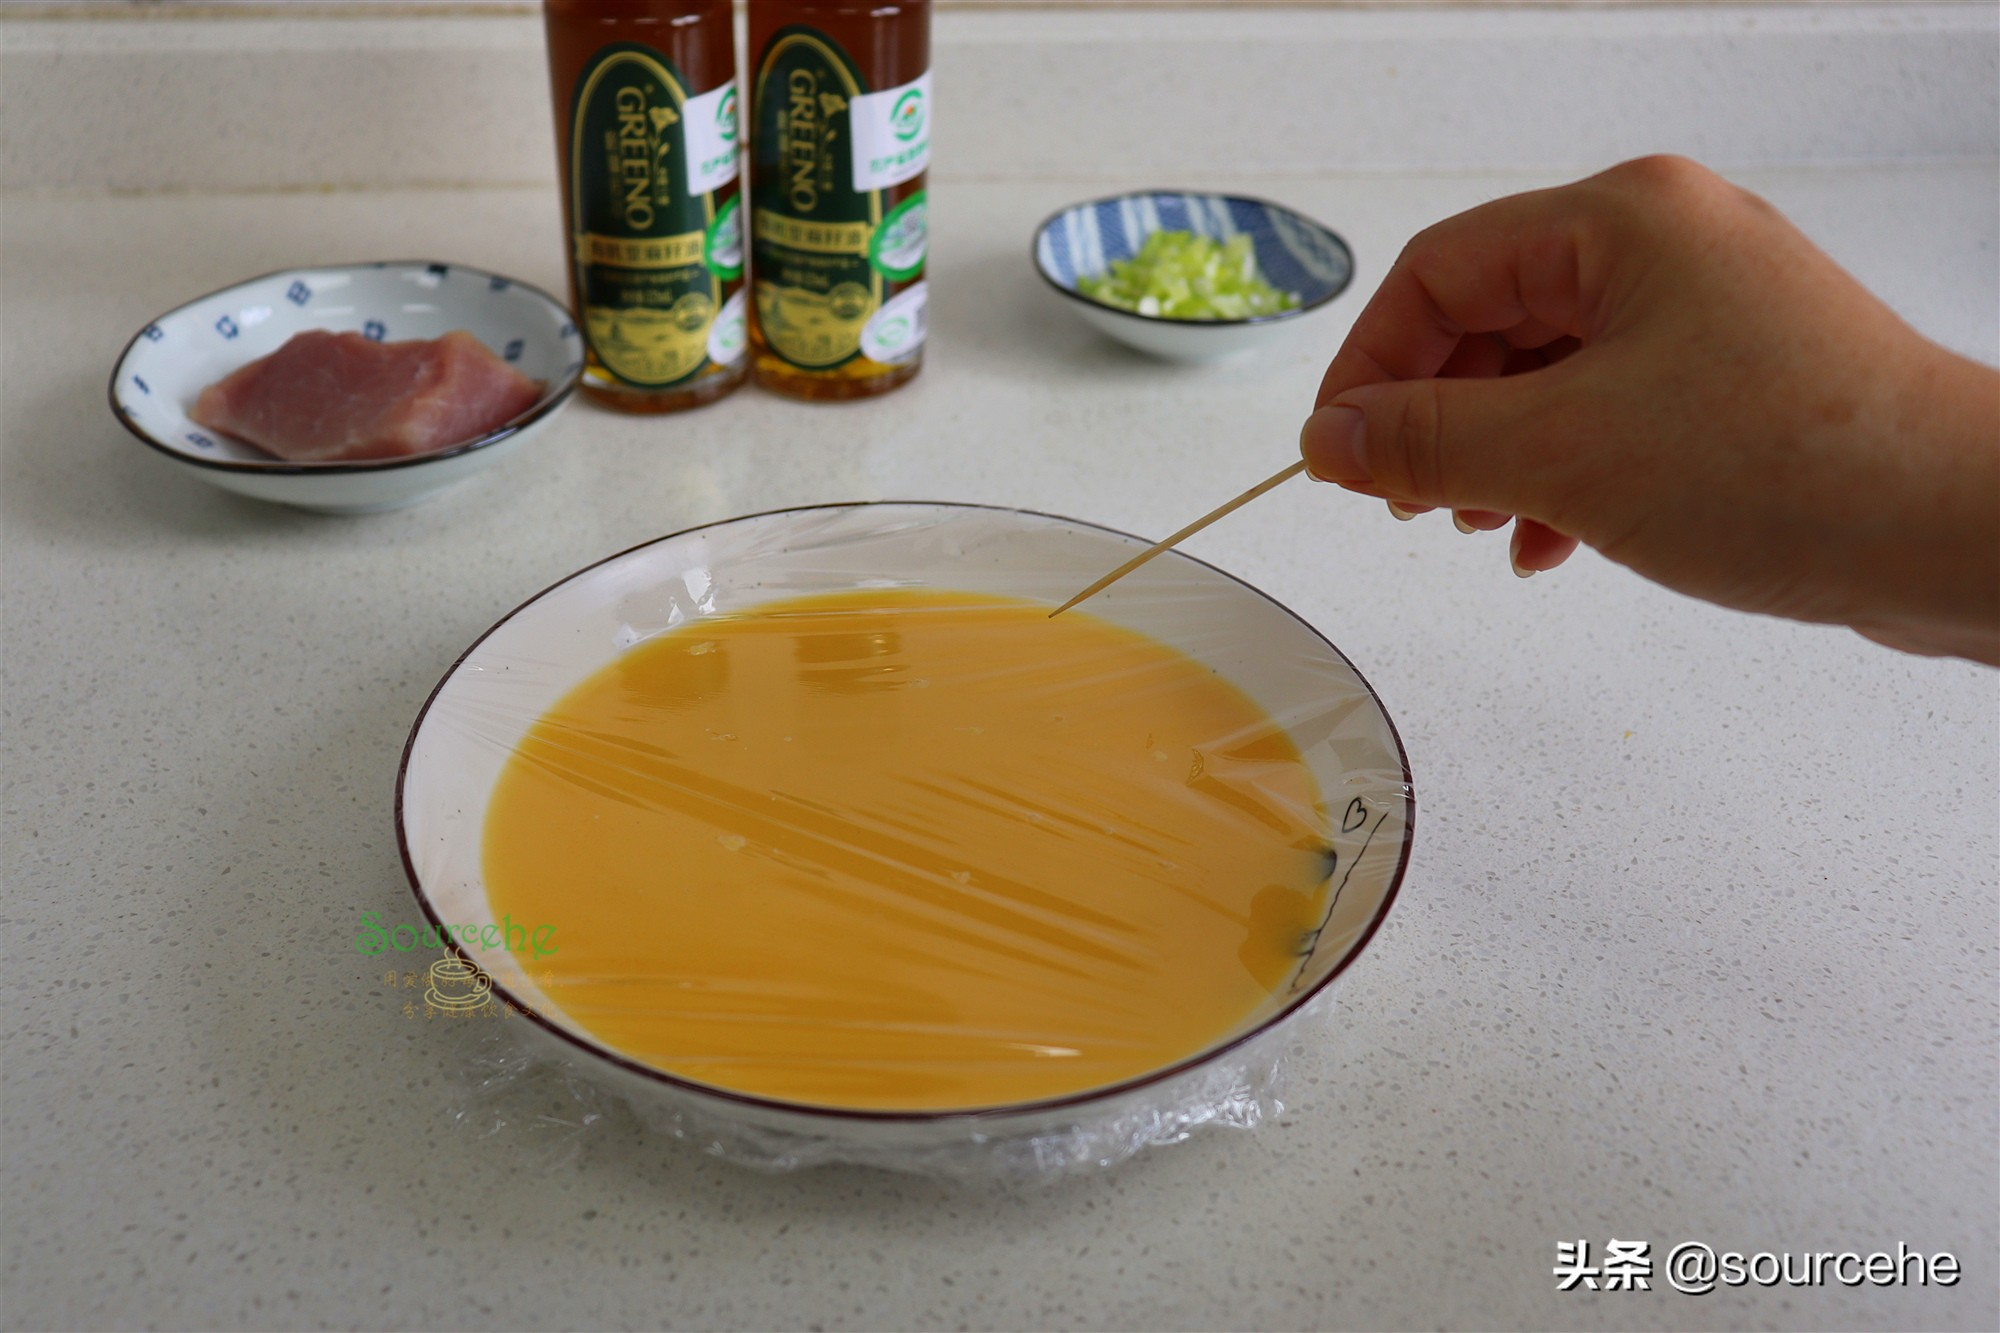 肉末蒸蛋,掌握3个技巧,鸡蛋鲜香无蜂窝,又香又嫩